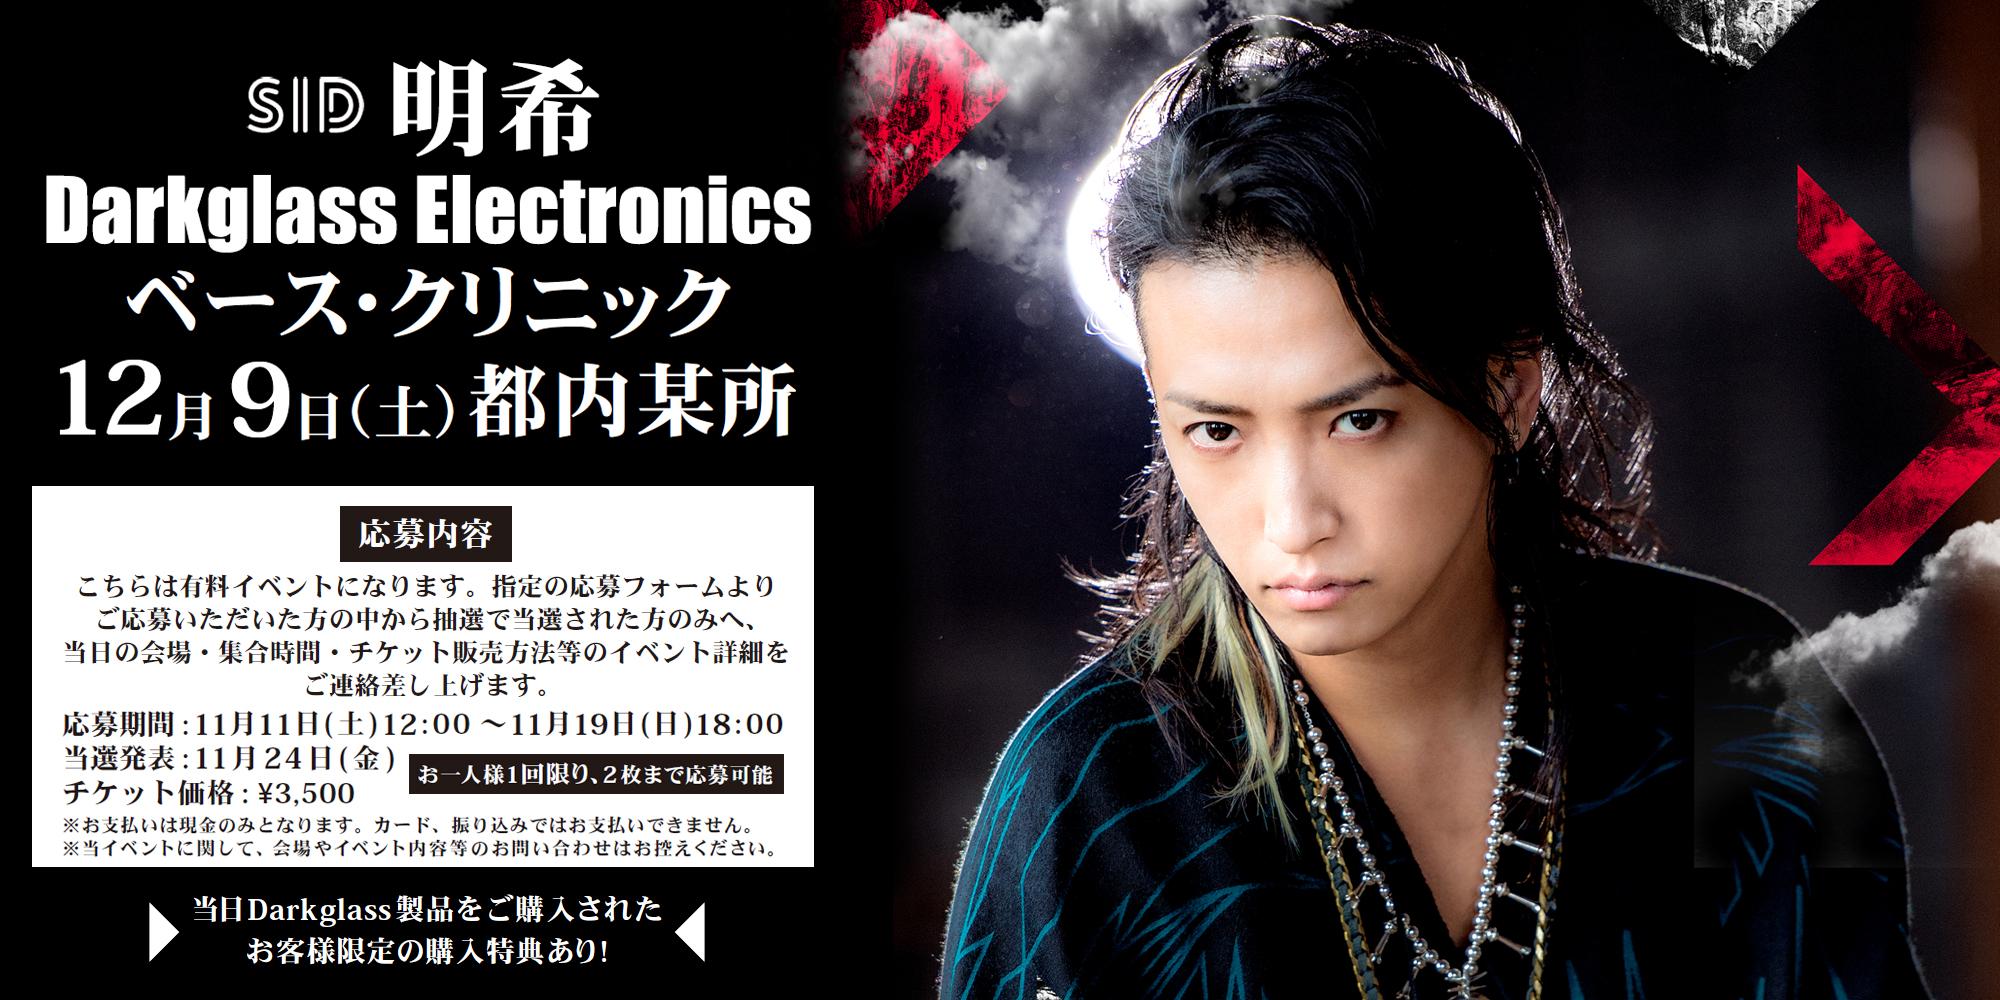 SID 明希 x Darkglass Electronics ベース・クリニック開催決定!